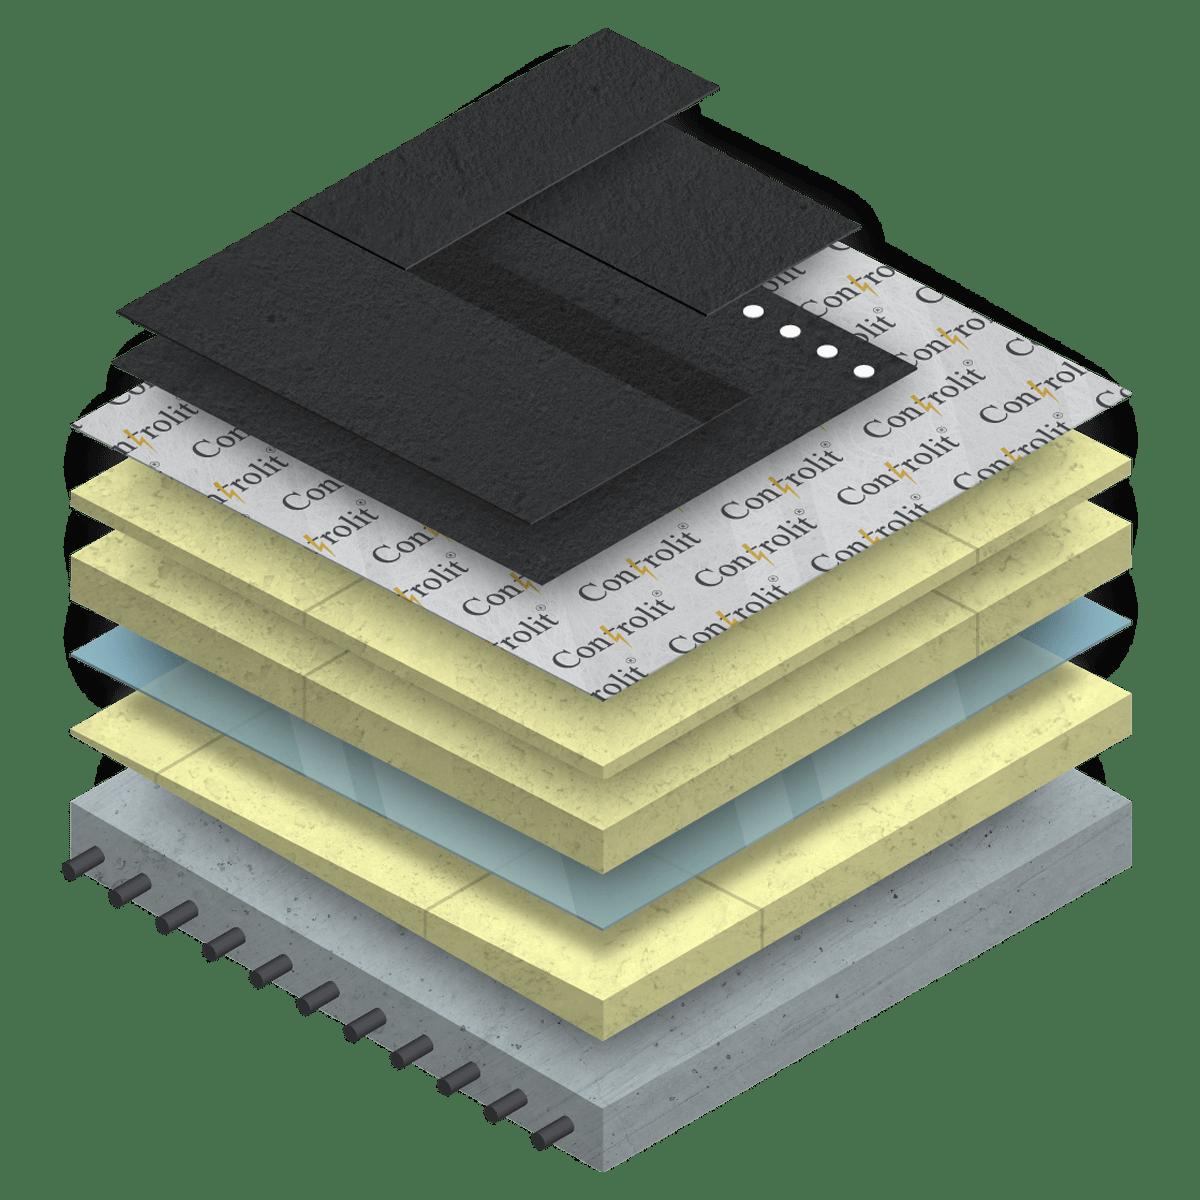 FLO-Controlit-Abdichtungsprüfsystem-Flachdach-Leck-finden